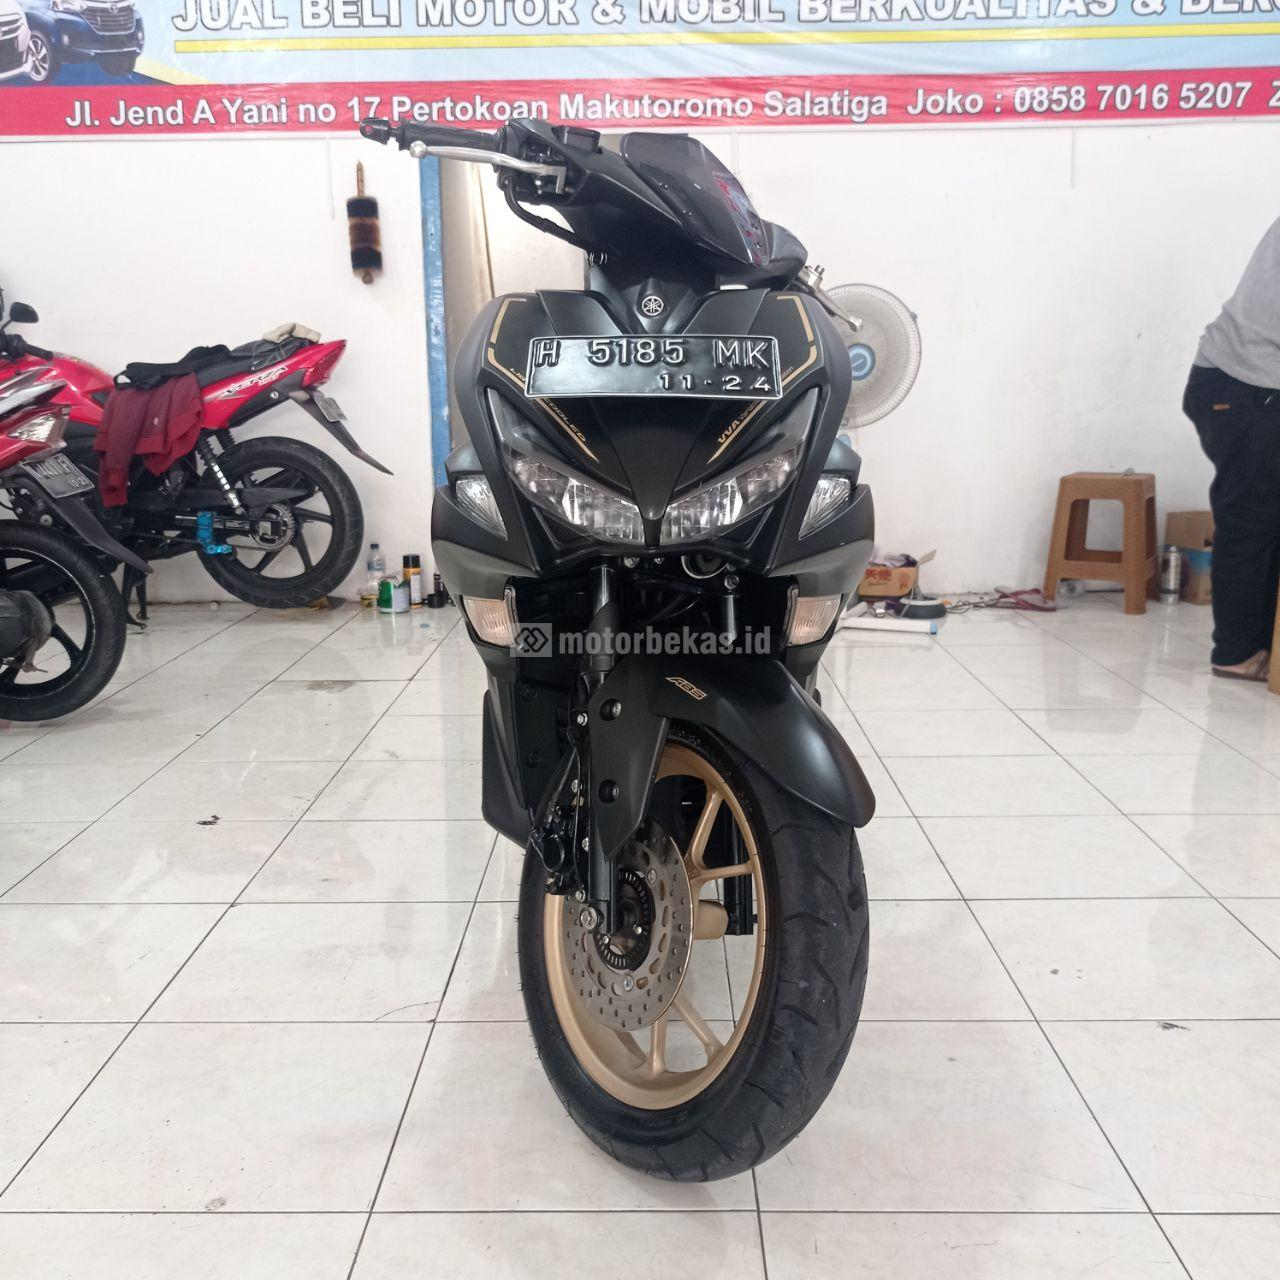 YAMAHA AEROX 155 ABS 777 motorbekas.id